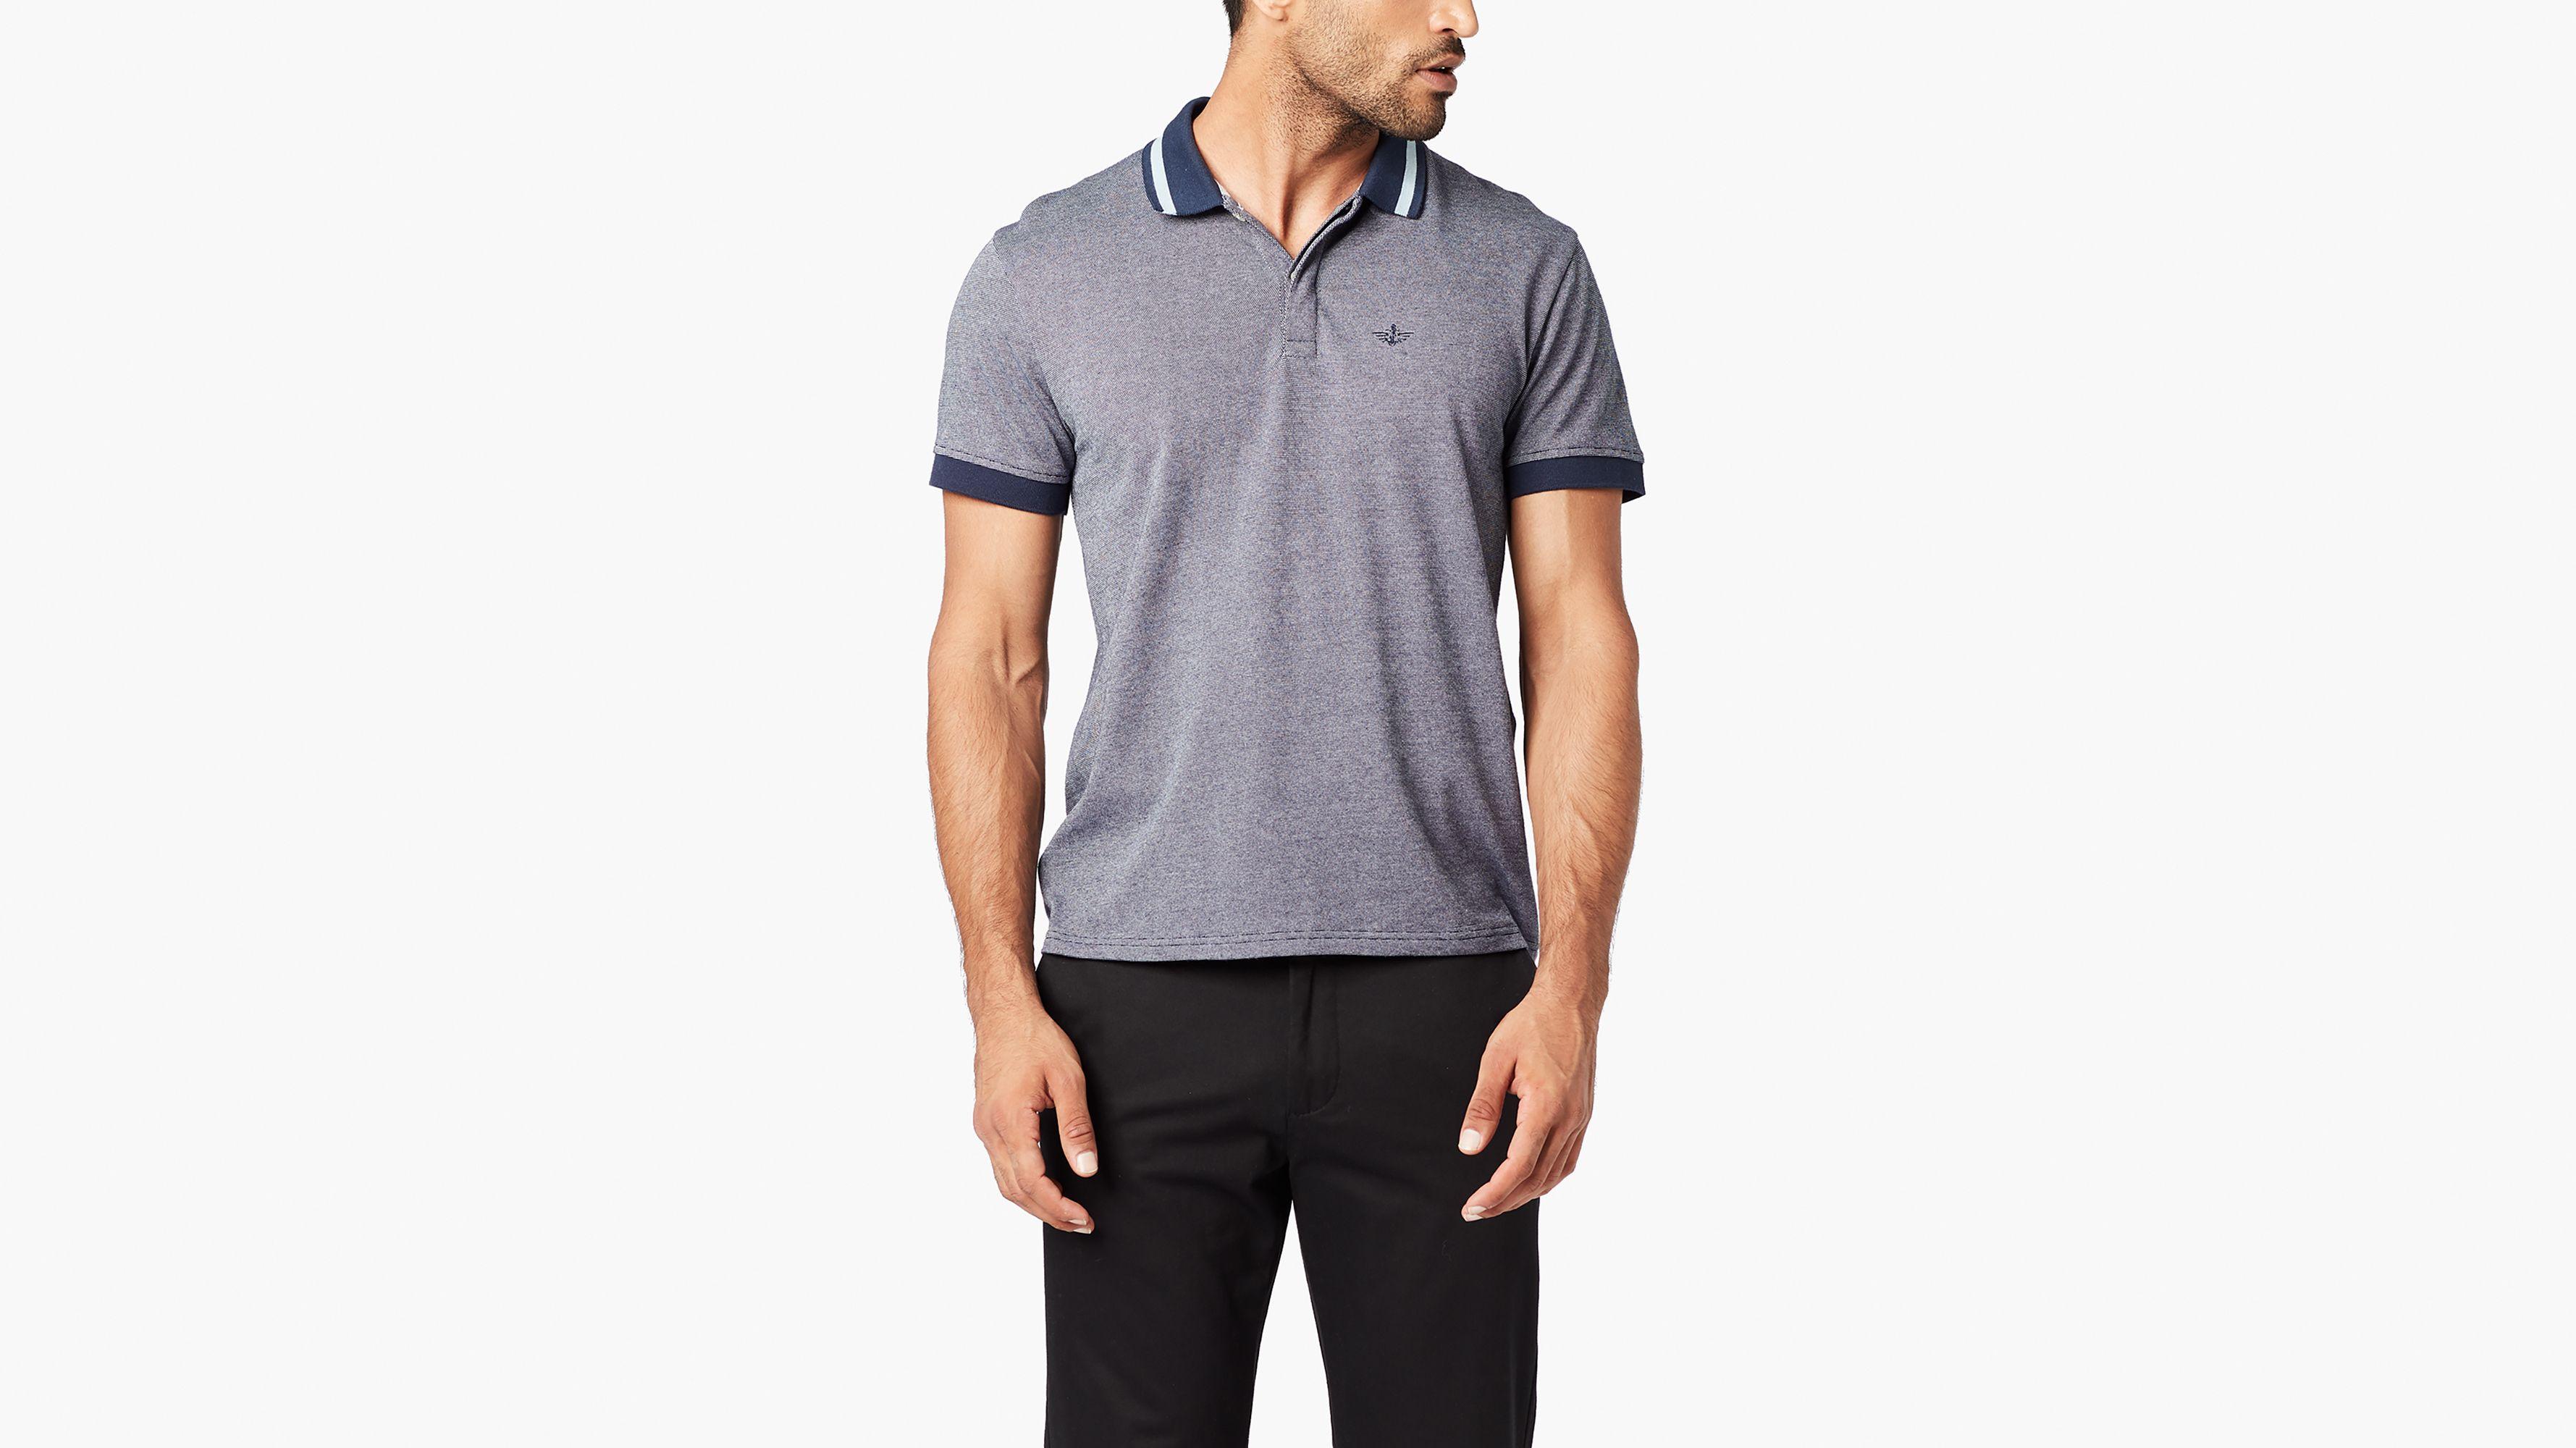 T HommeDockers® Fr Shirtsamp; Tops Polos 0ywvmNOP8n